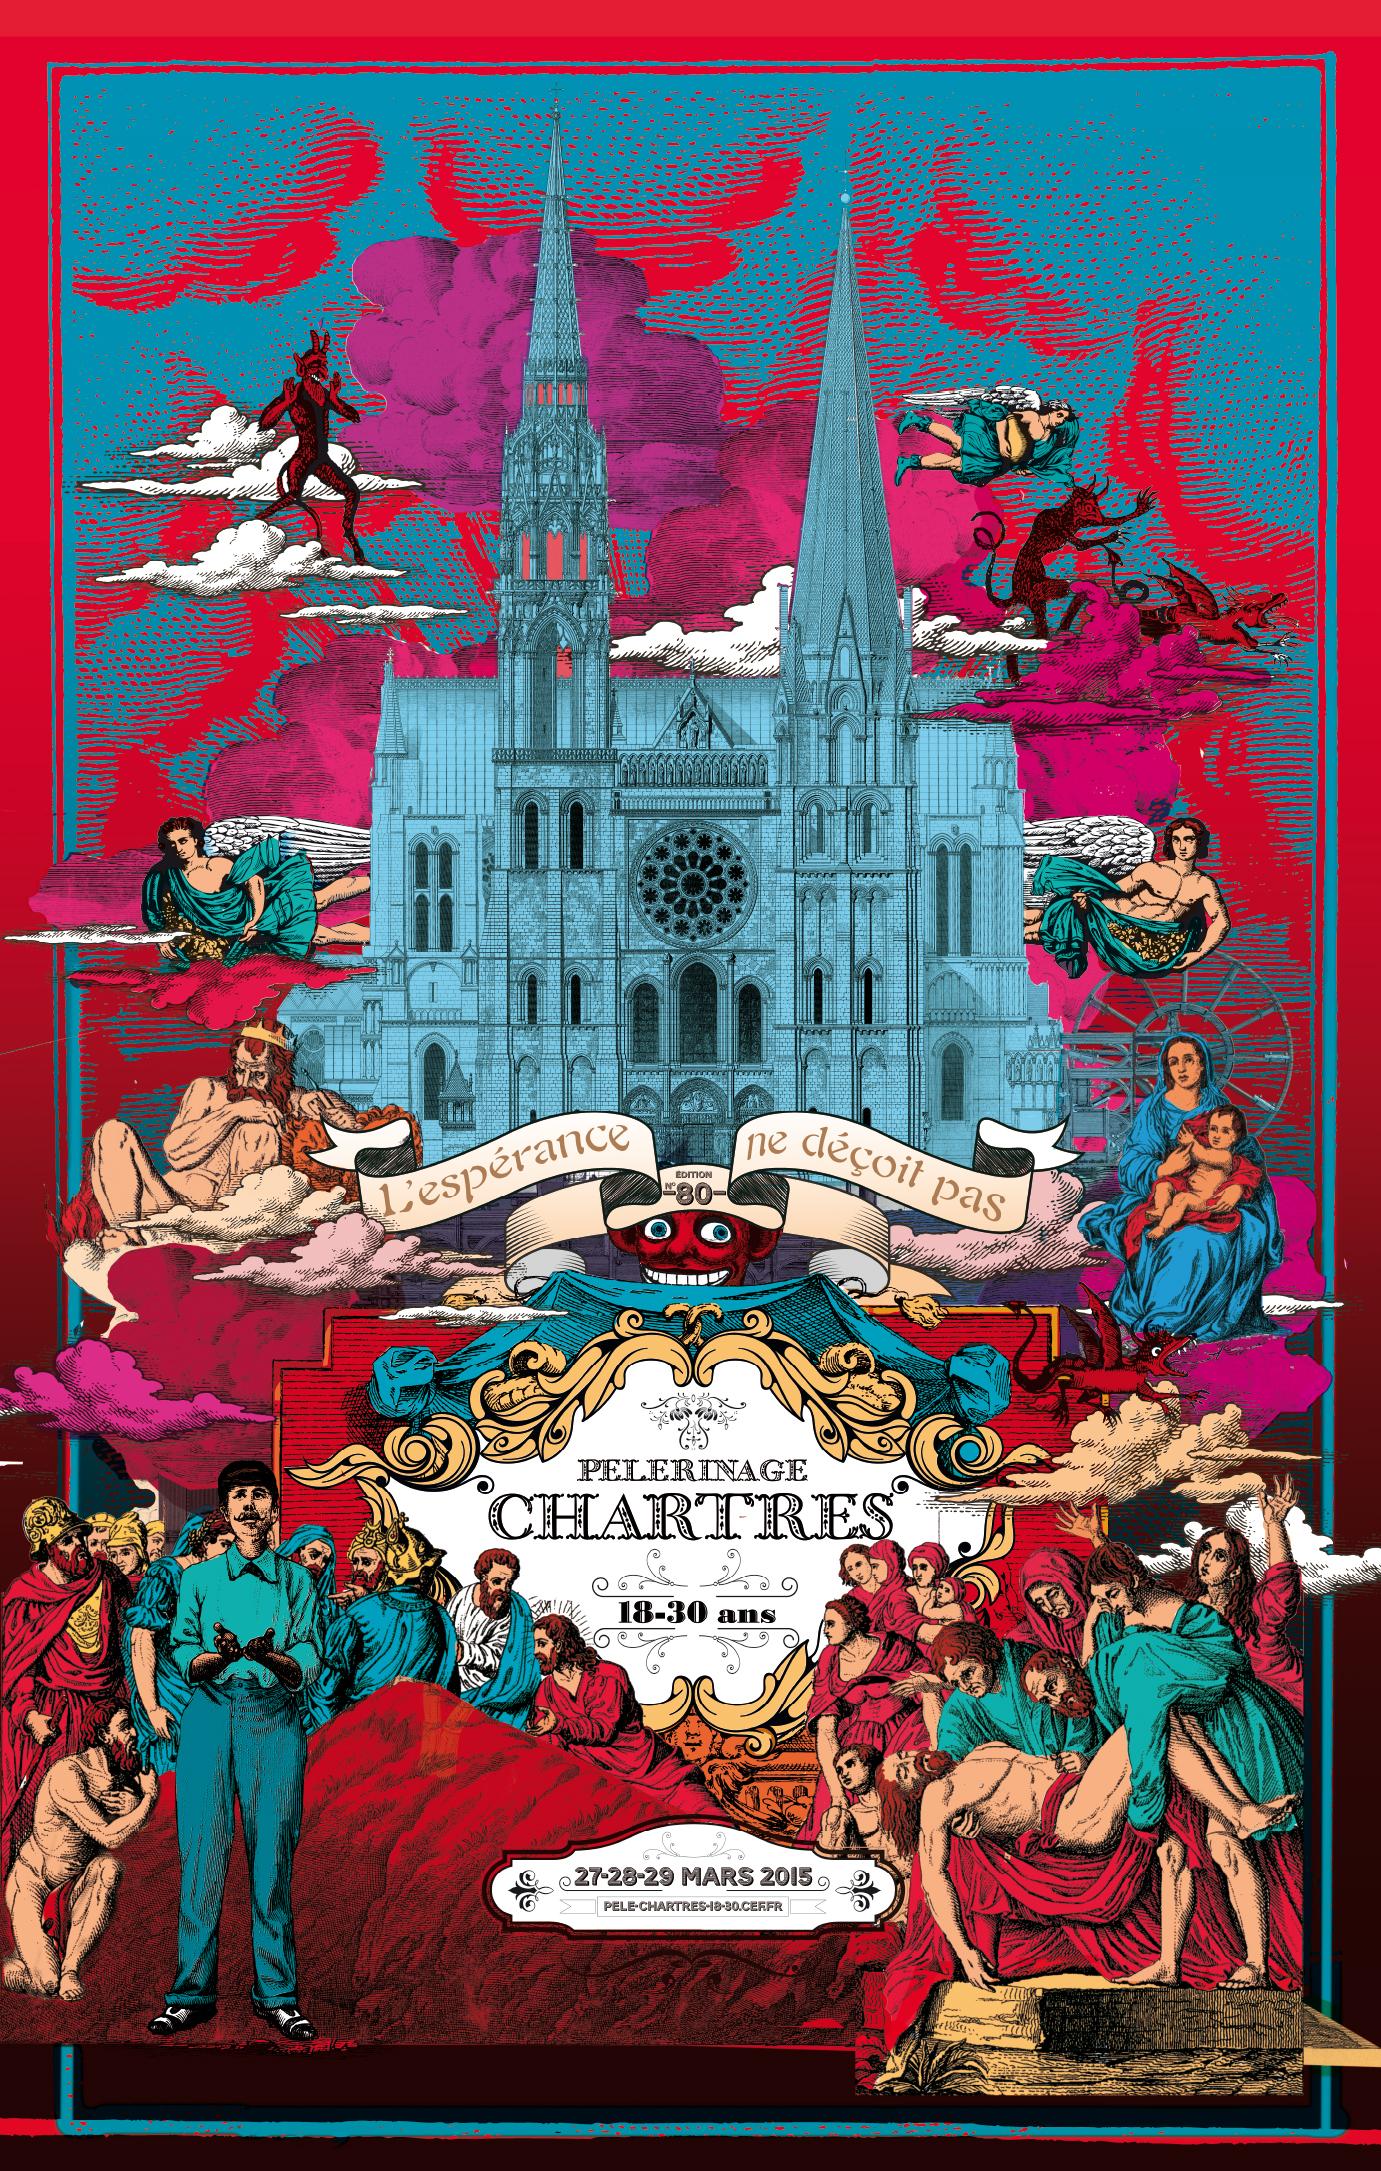 Pelerinage de Chartres 2015